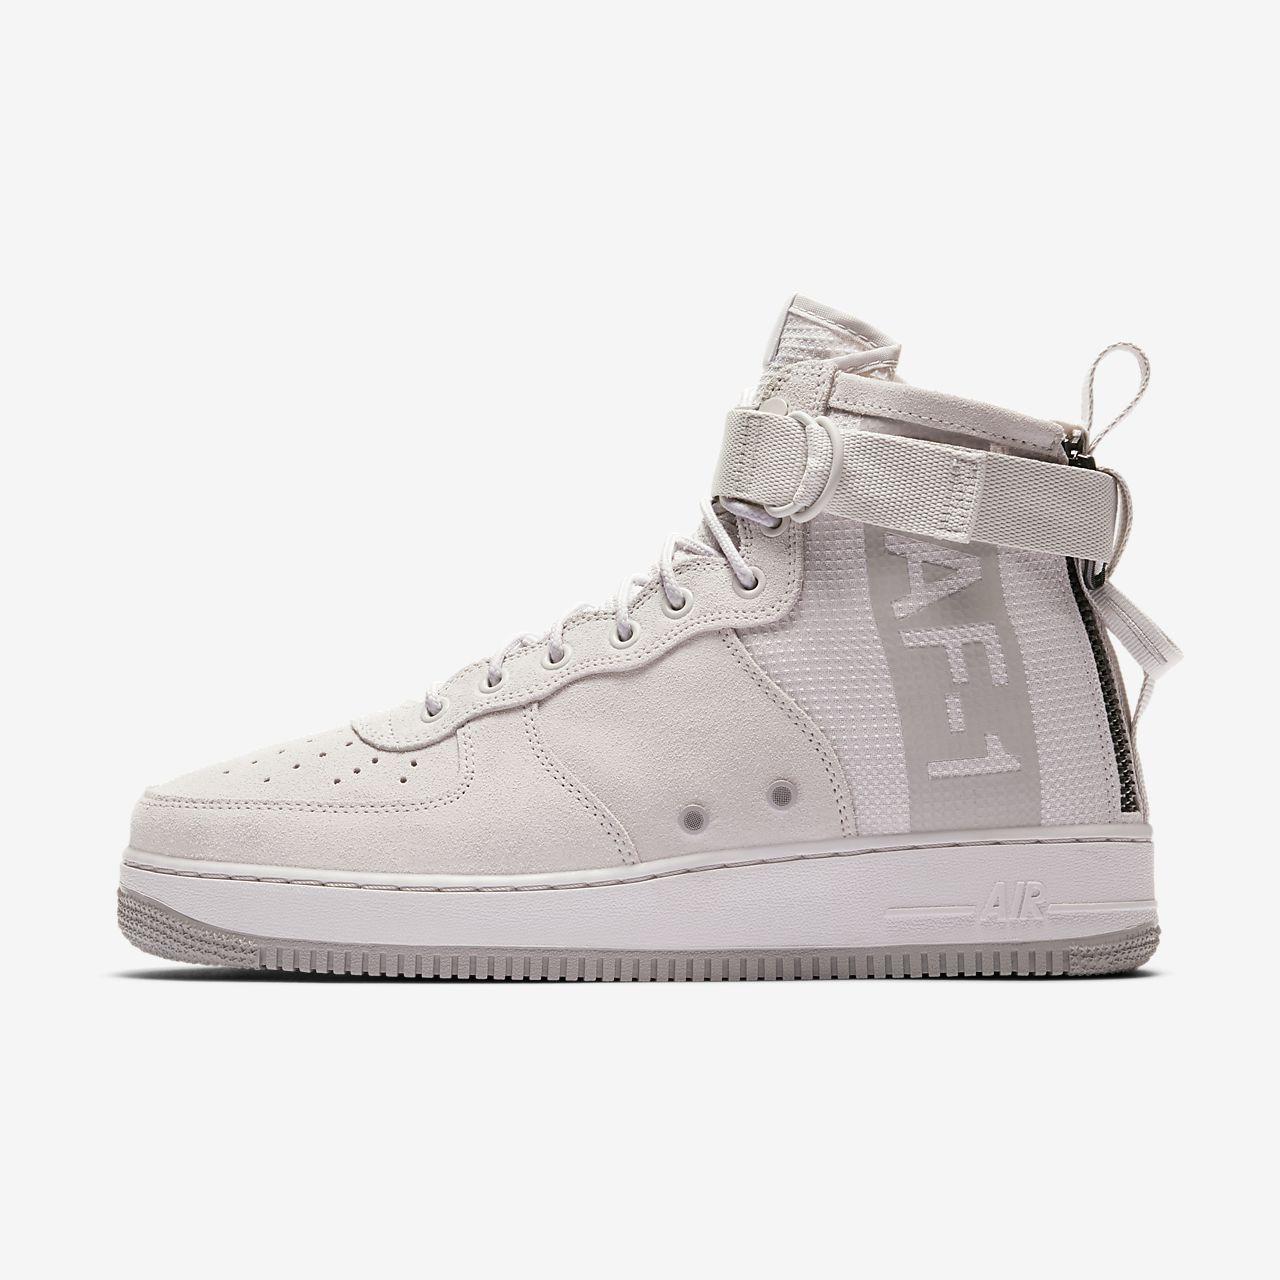 Sf Air Force 1 Chaussures En Daim Nike H4OBISq7r